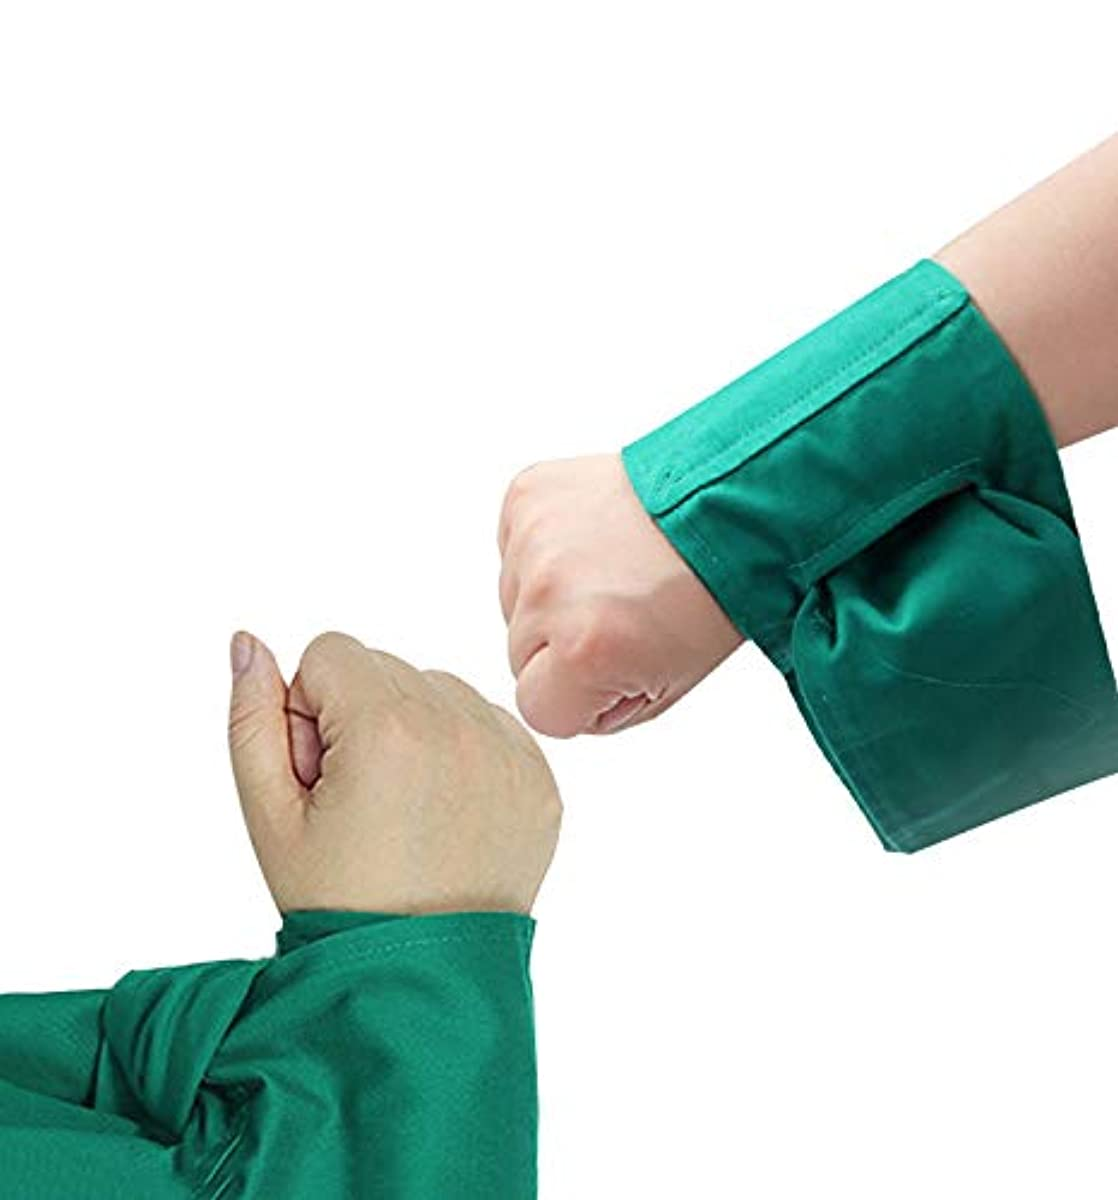 リボンフィードオン資格情報手足ホルダー - 医学的拘束手足のための患者肢ホルダー - 1対の上肢または下肢拘束バンド,Green